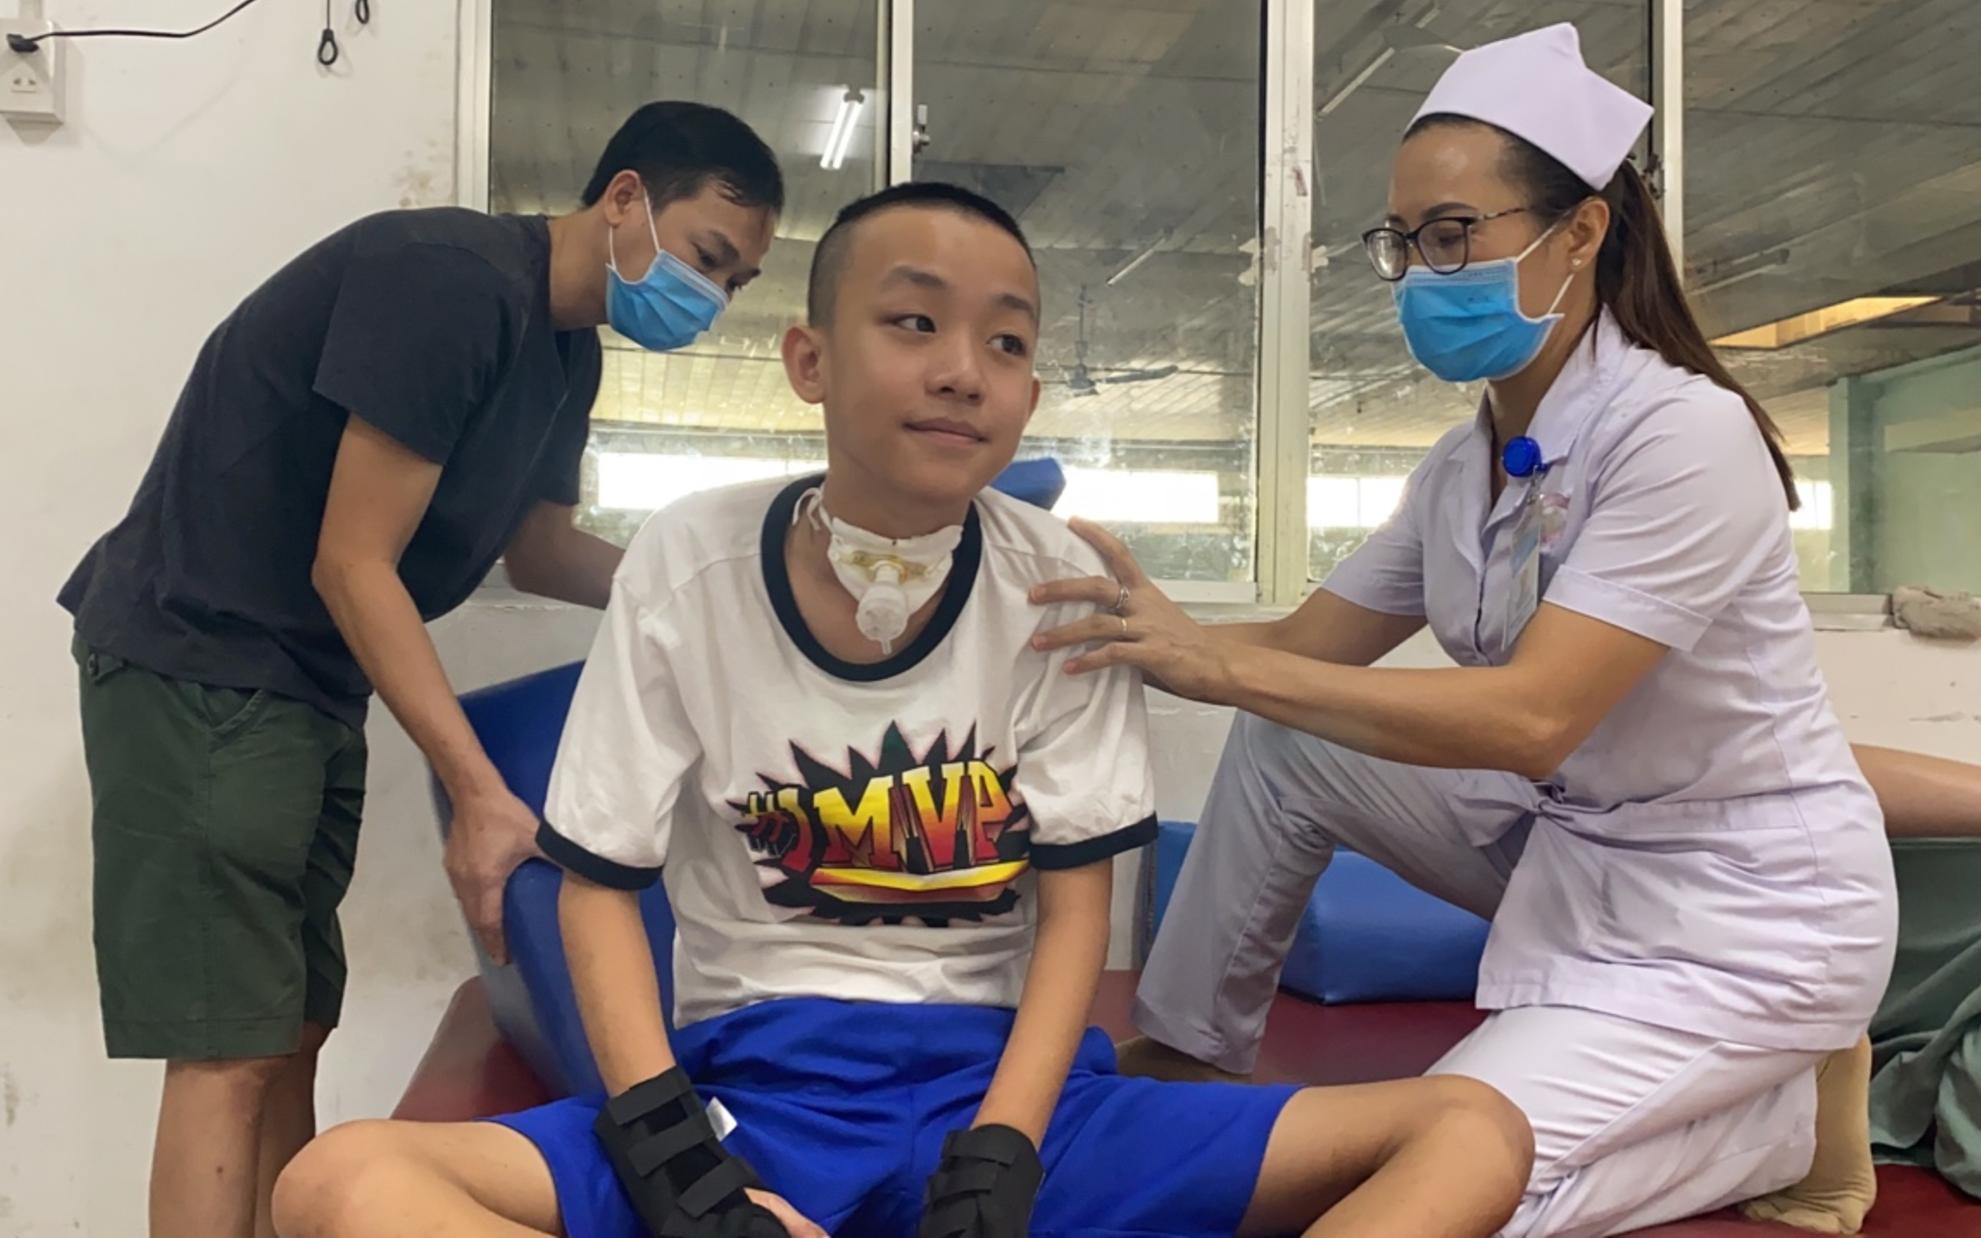 170 triệu đồng giúp đỡ cậu bé 12 tuổi liệt tứ chi, khóc nức nở trên giường bệnh vì sợ làm khổ cha mẹ